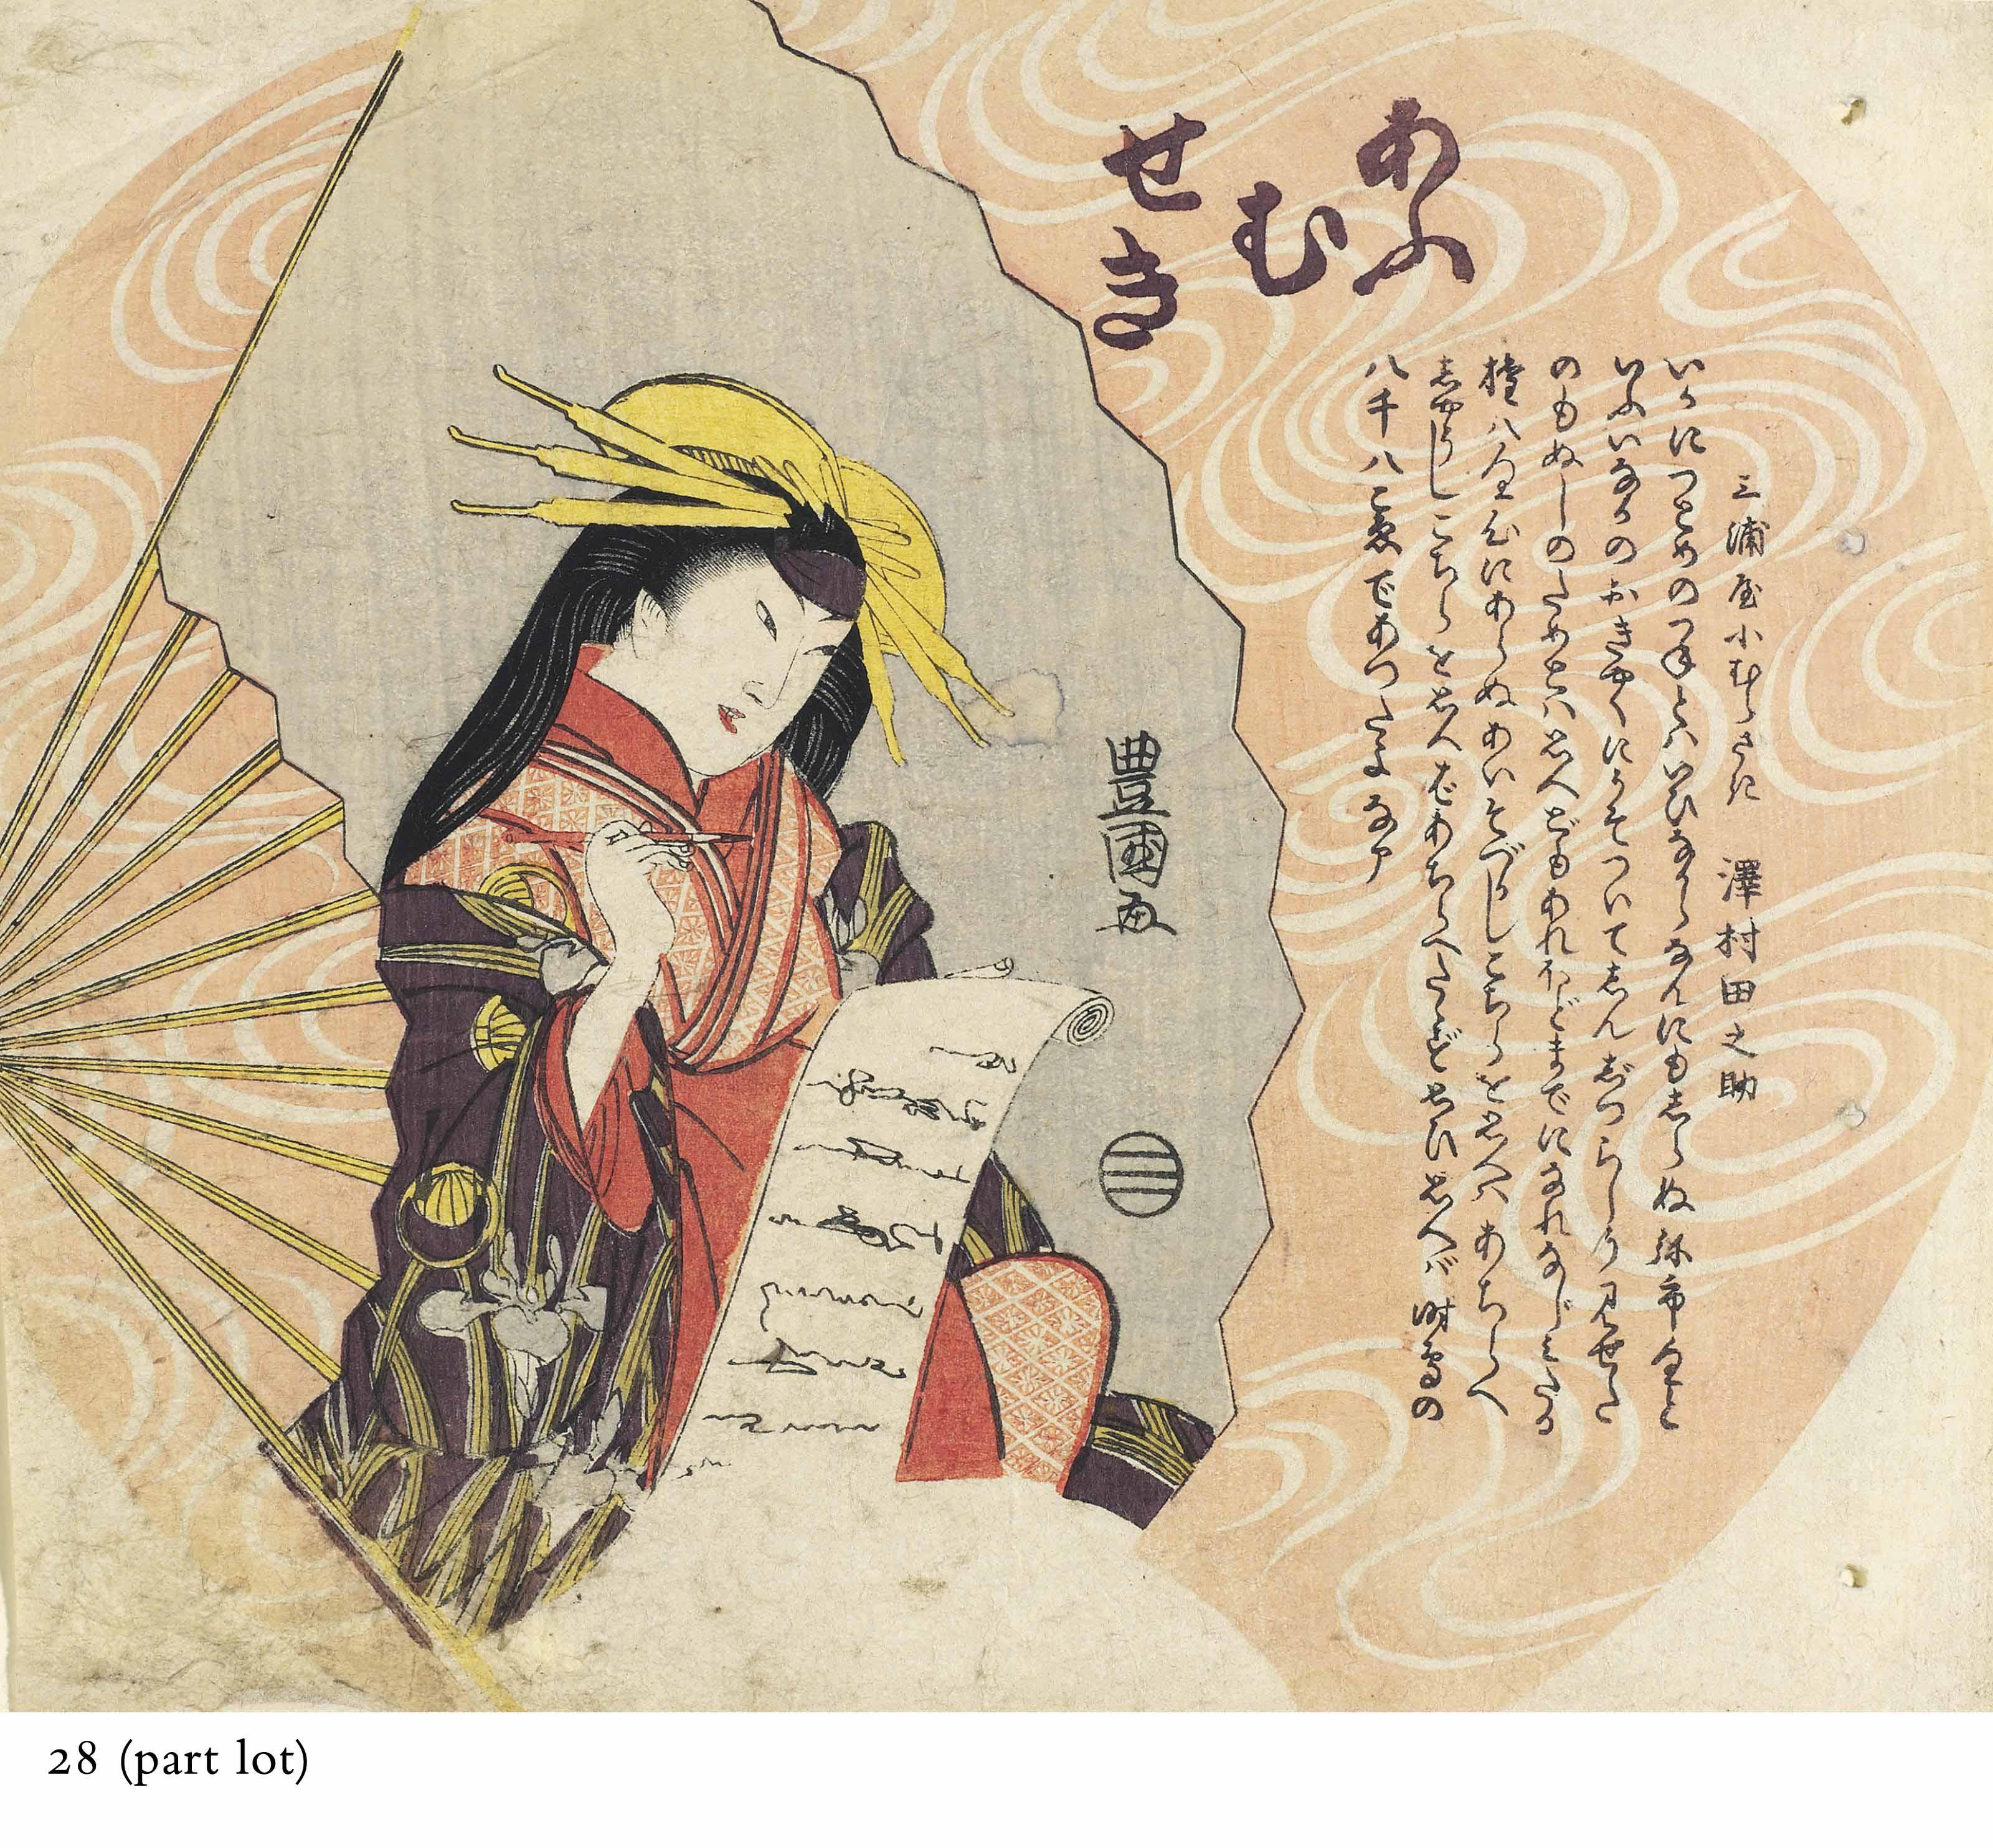 UTAGAWA TOYOKUNI I (1769-1825), KATSUKAWA SHUNTEI (1770-1820)  AND OTHERS